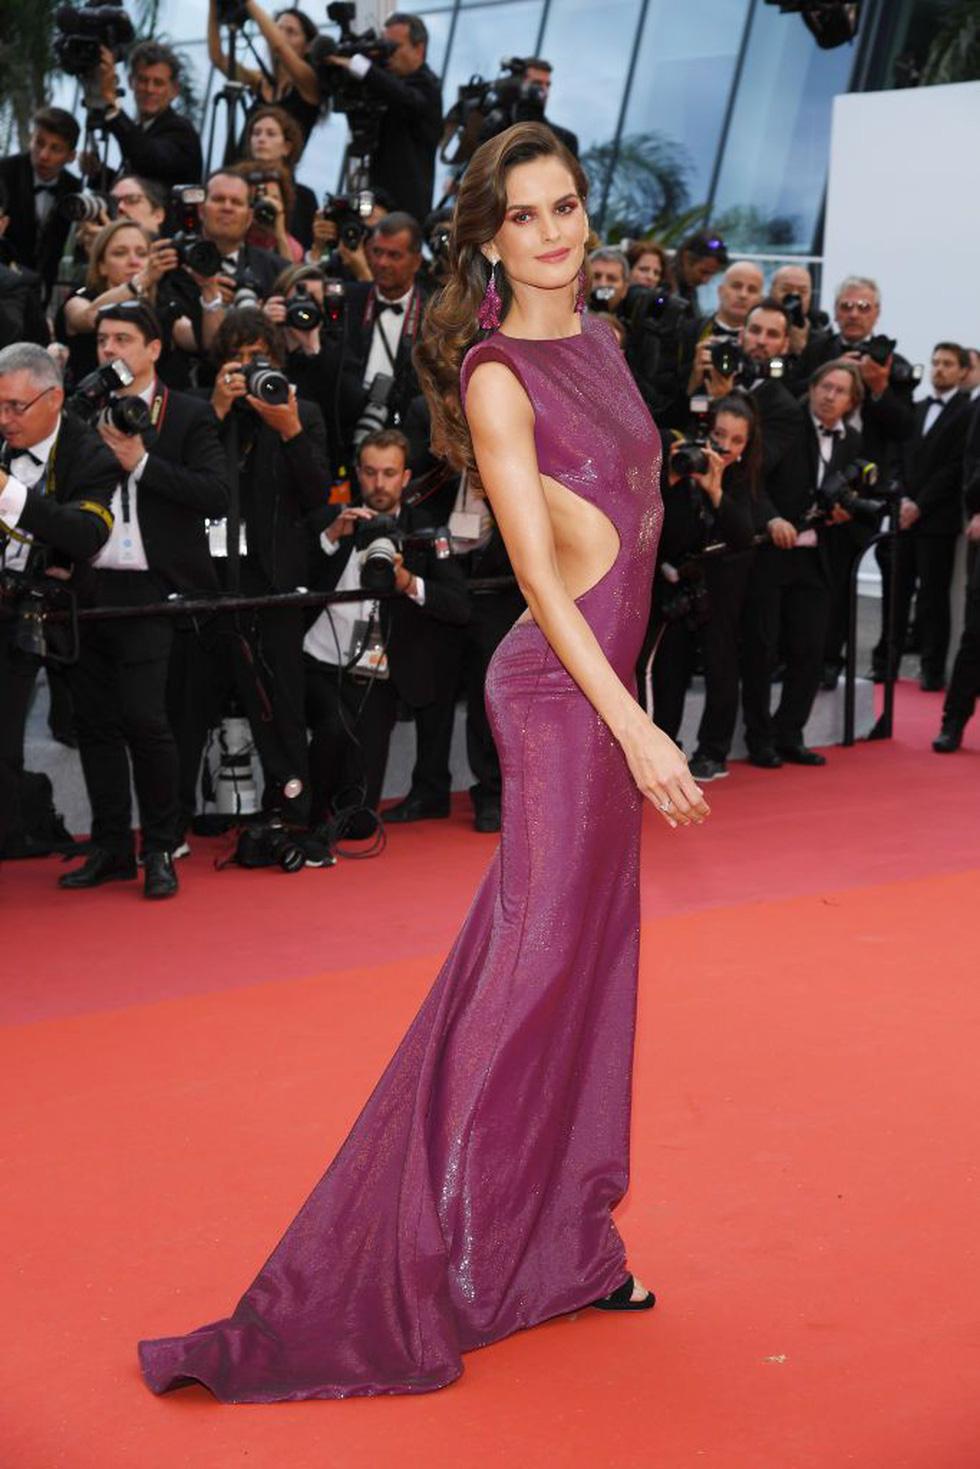 Cannes khai mạc với zombie, chính trị và bình đẳng giới - Ảnh 8.